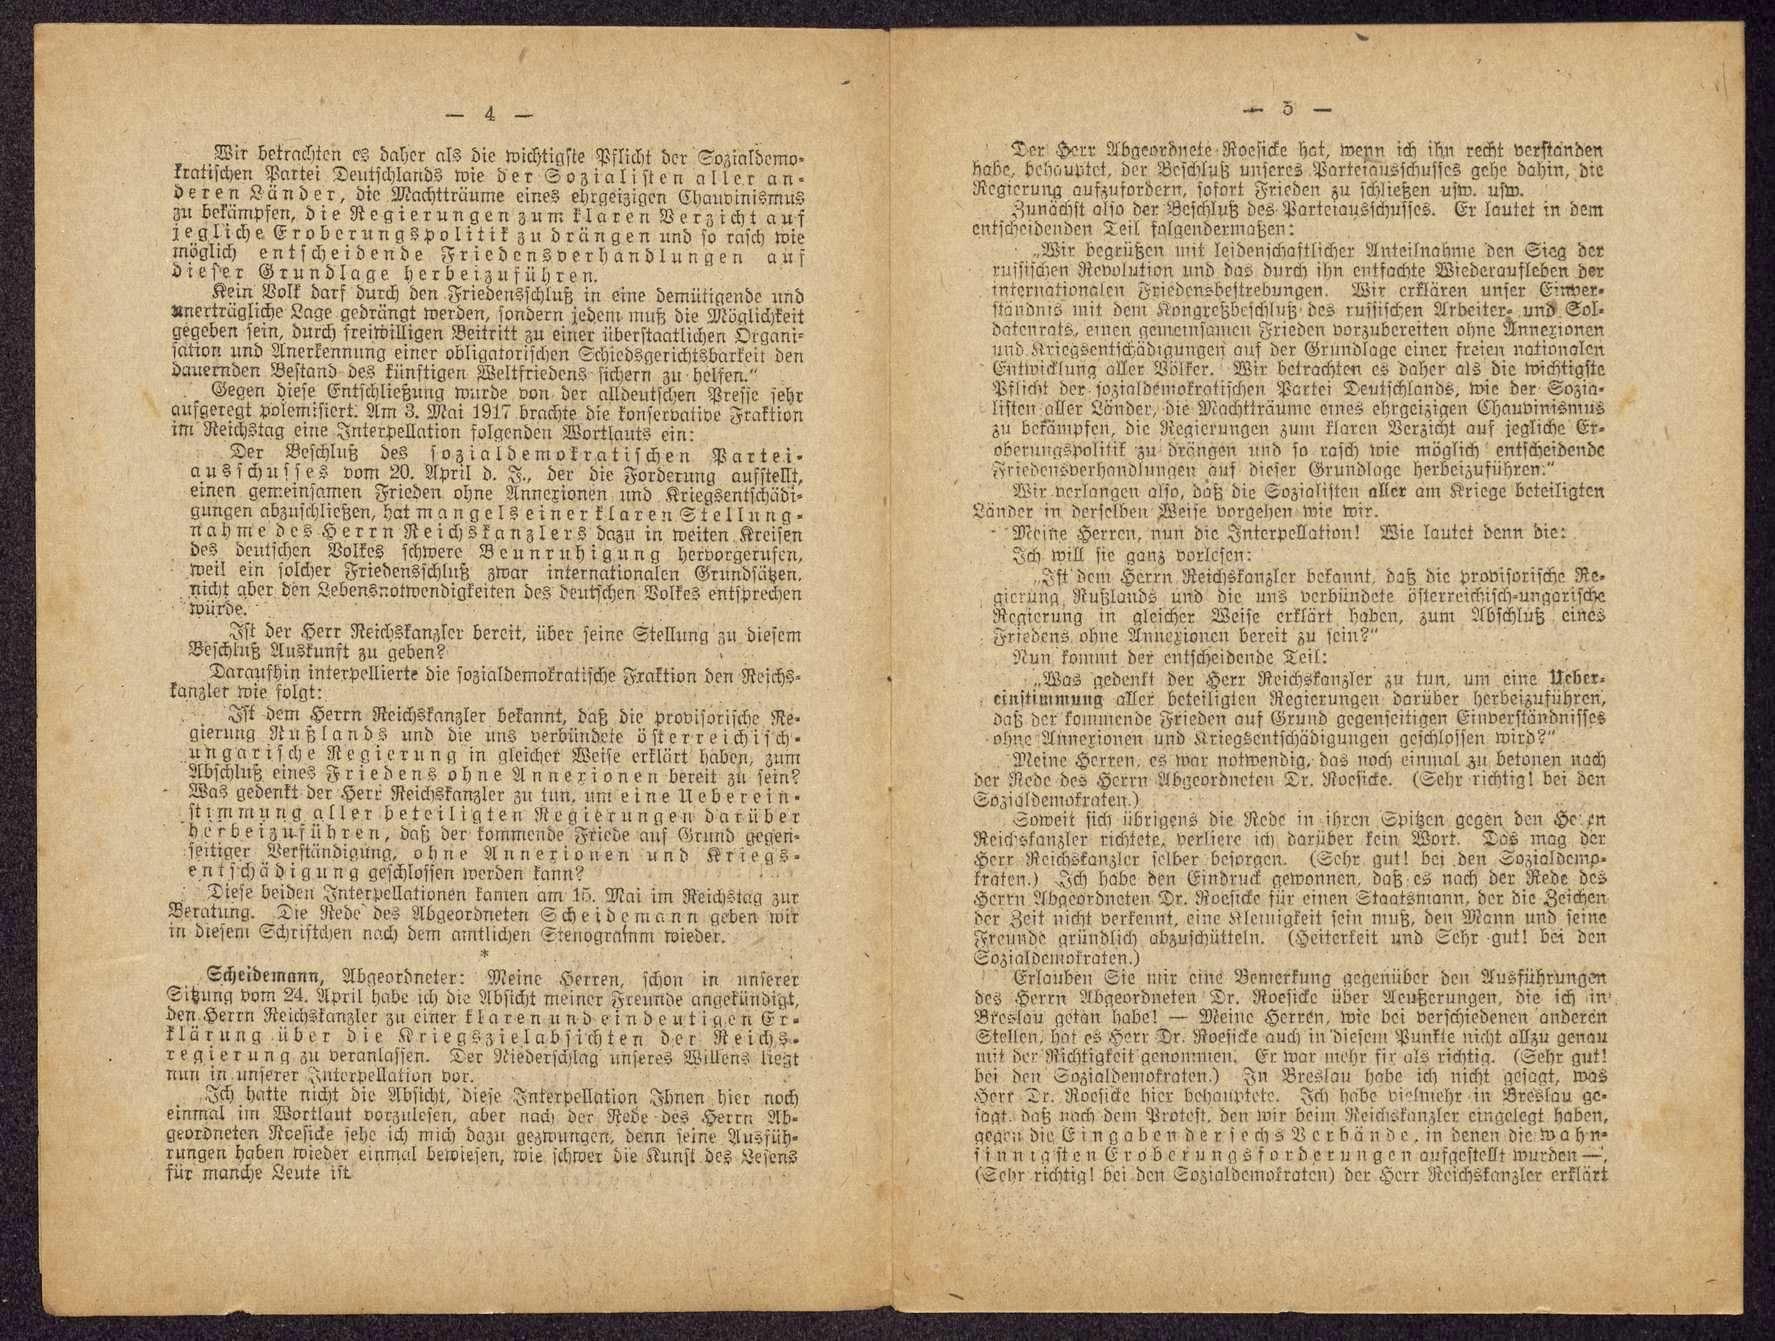 Philipp Scheidemann: Frieden der Verständigung. Reichstagsrede in der Sitzung am 15. Mai 1917 (Hrsg. vom Vorstand der SPD), Bild 3